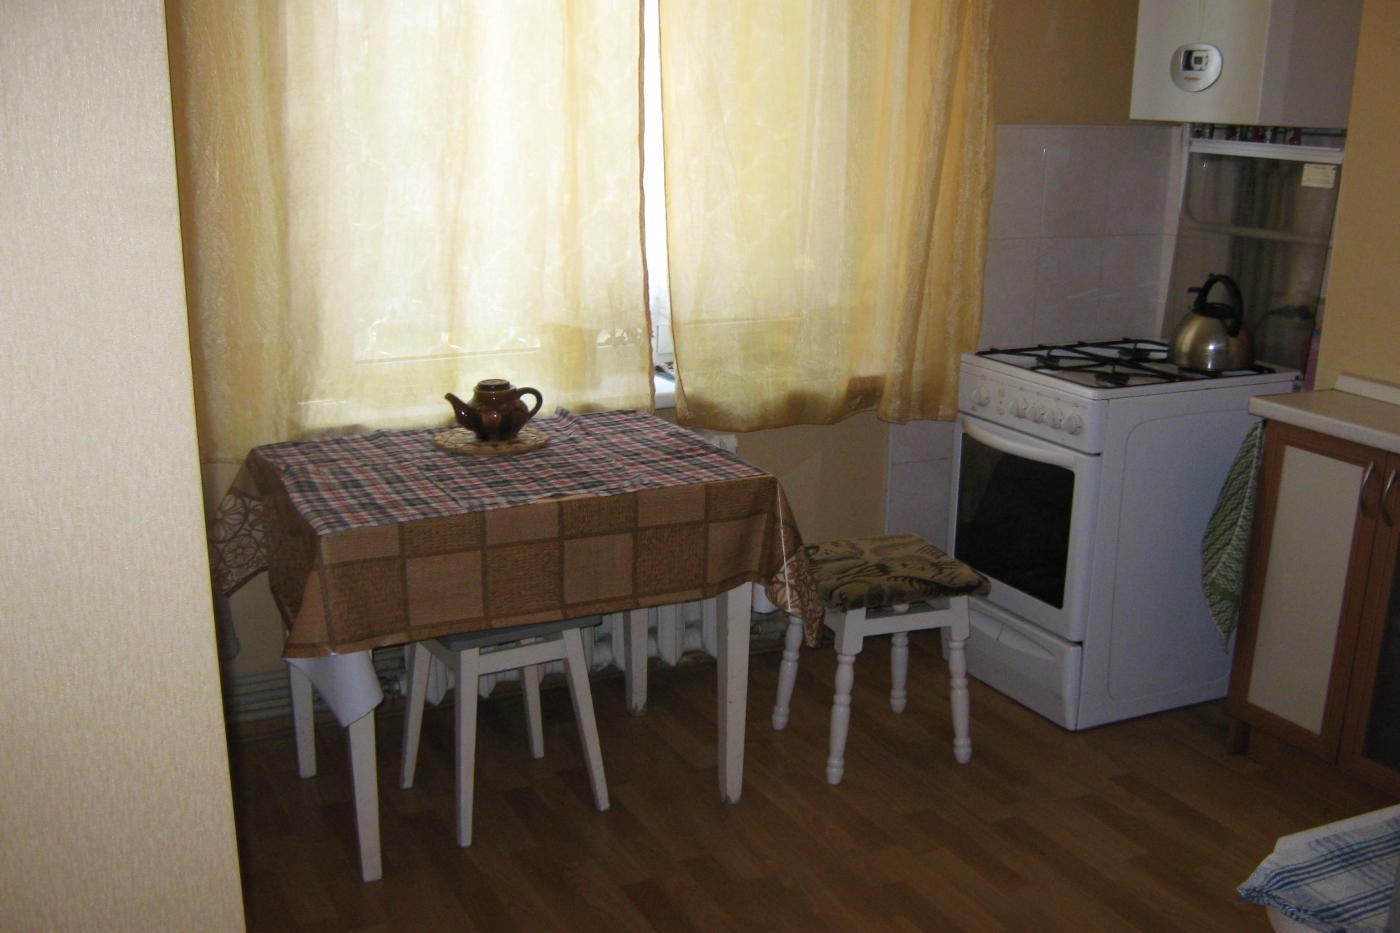 1-комнатная квартира посуточно (вариант № 1278), ул. Октябрьской Революции проспект, фото № 4